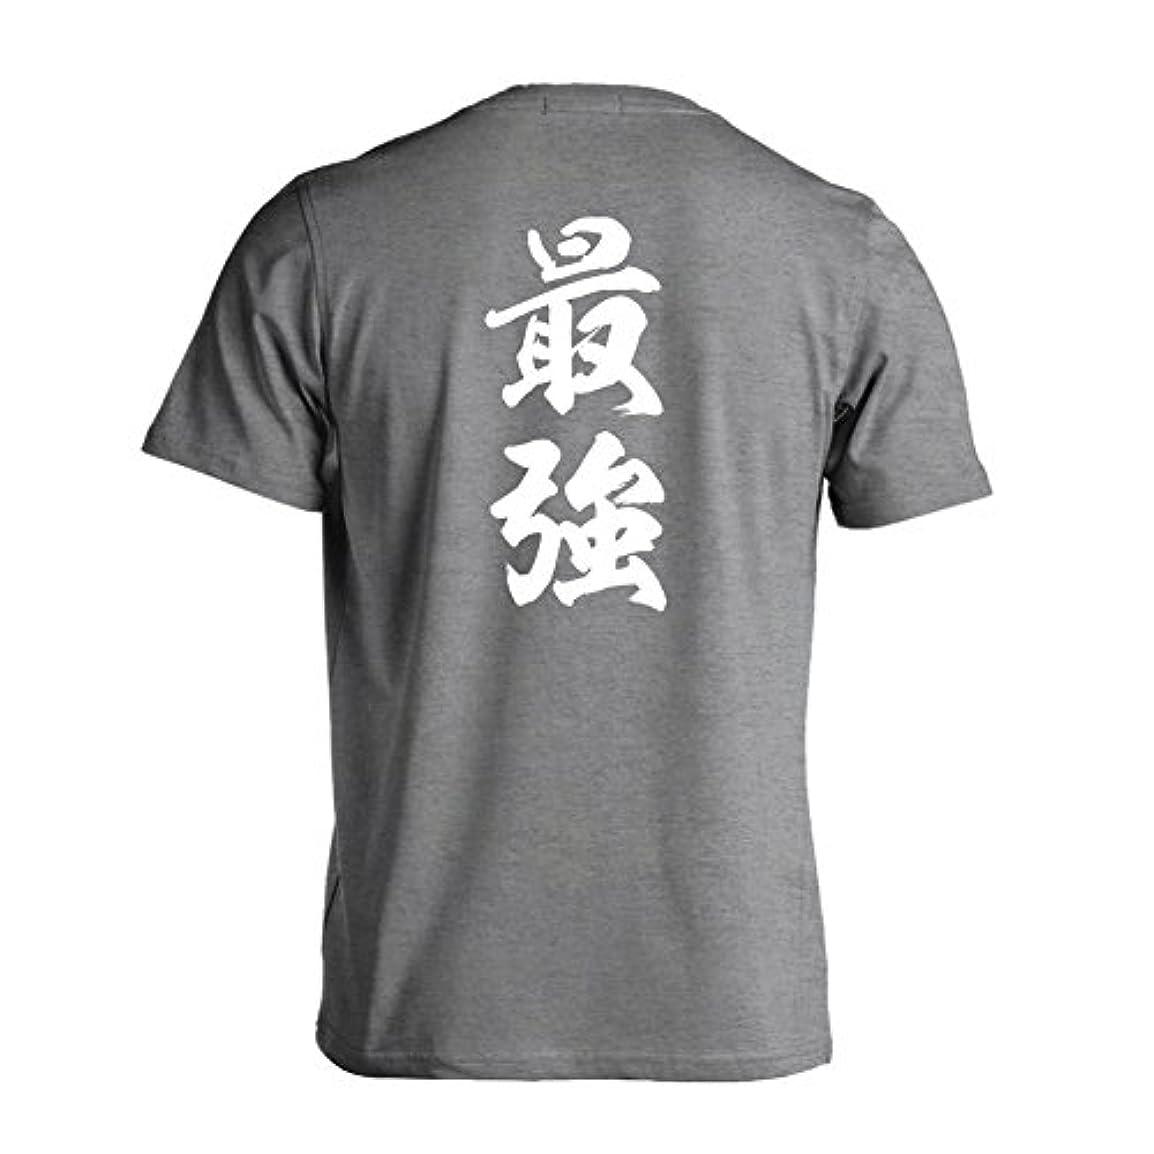 オーディション願望再生(シュハリ) Shuhari 最強 新雲龍書体 縦書き 半袖コットンTシャツ